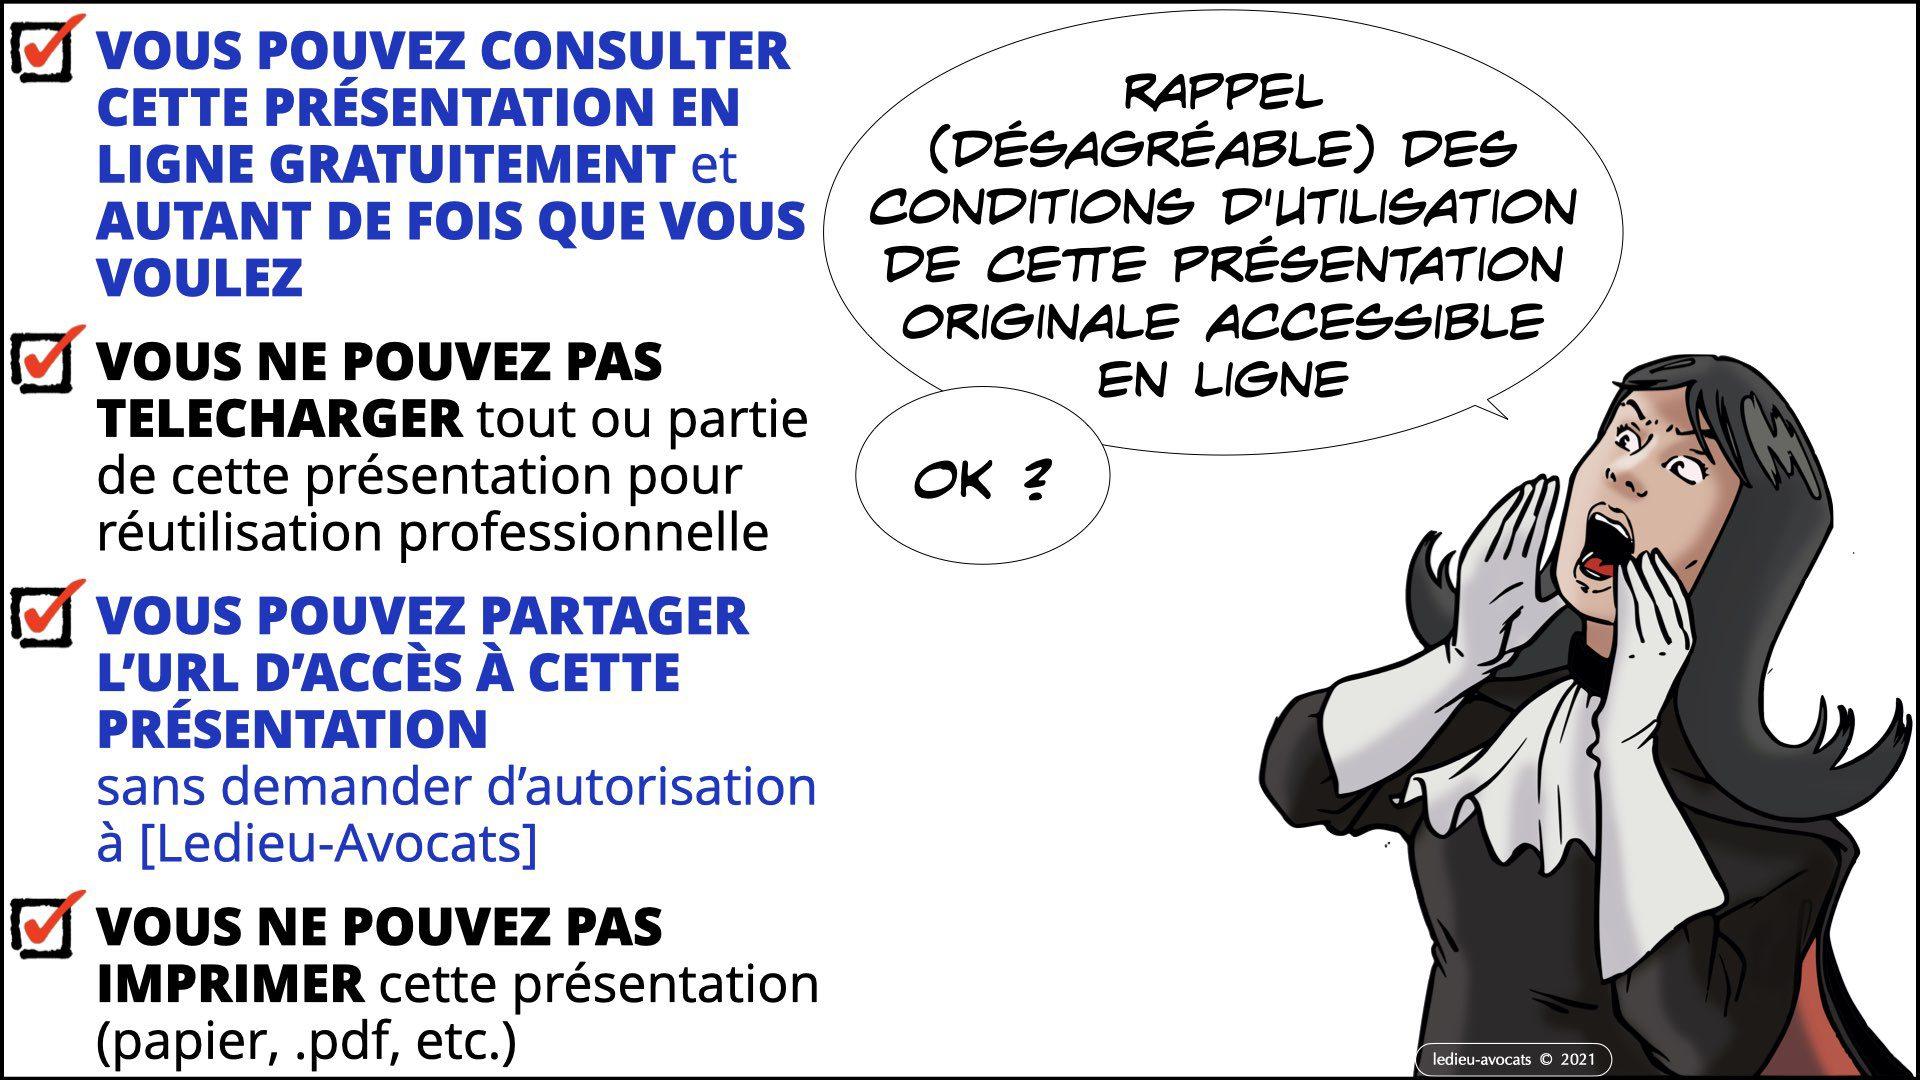 343 service LOGICIEL SaaS Software-as-a-Service cloud computing © Ledieu-Avocats technique droit numerique 30-08-2021.011